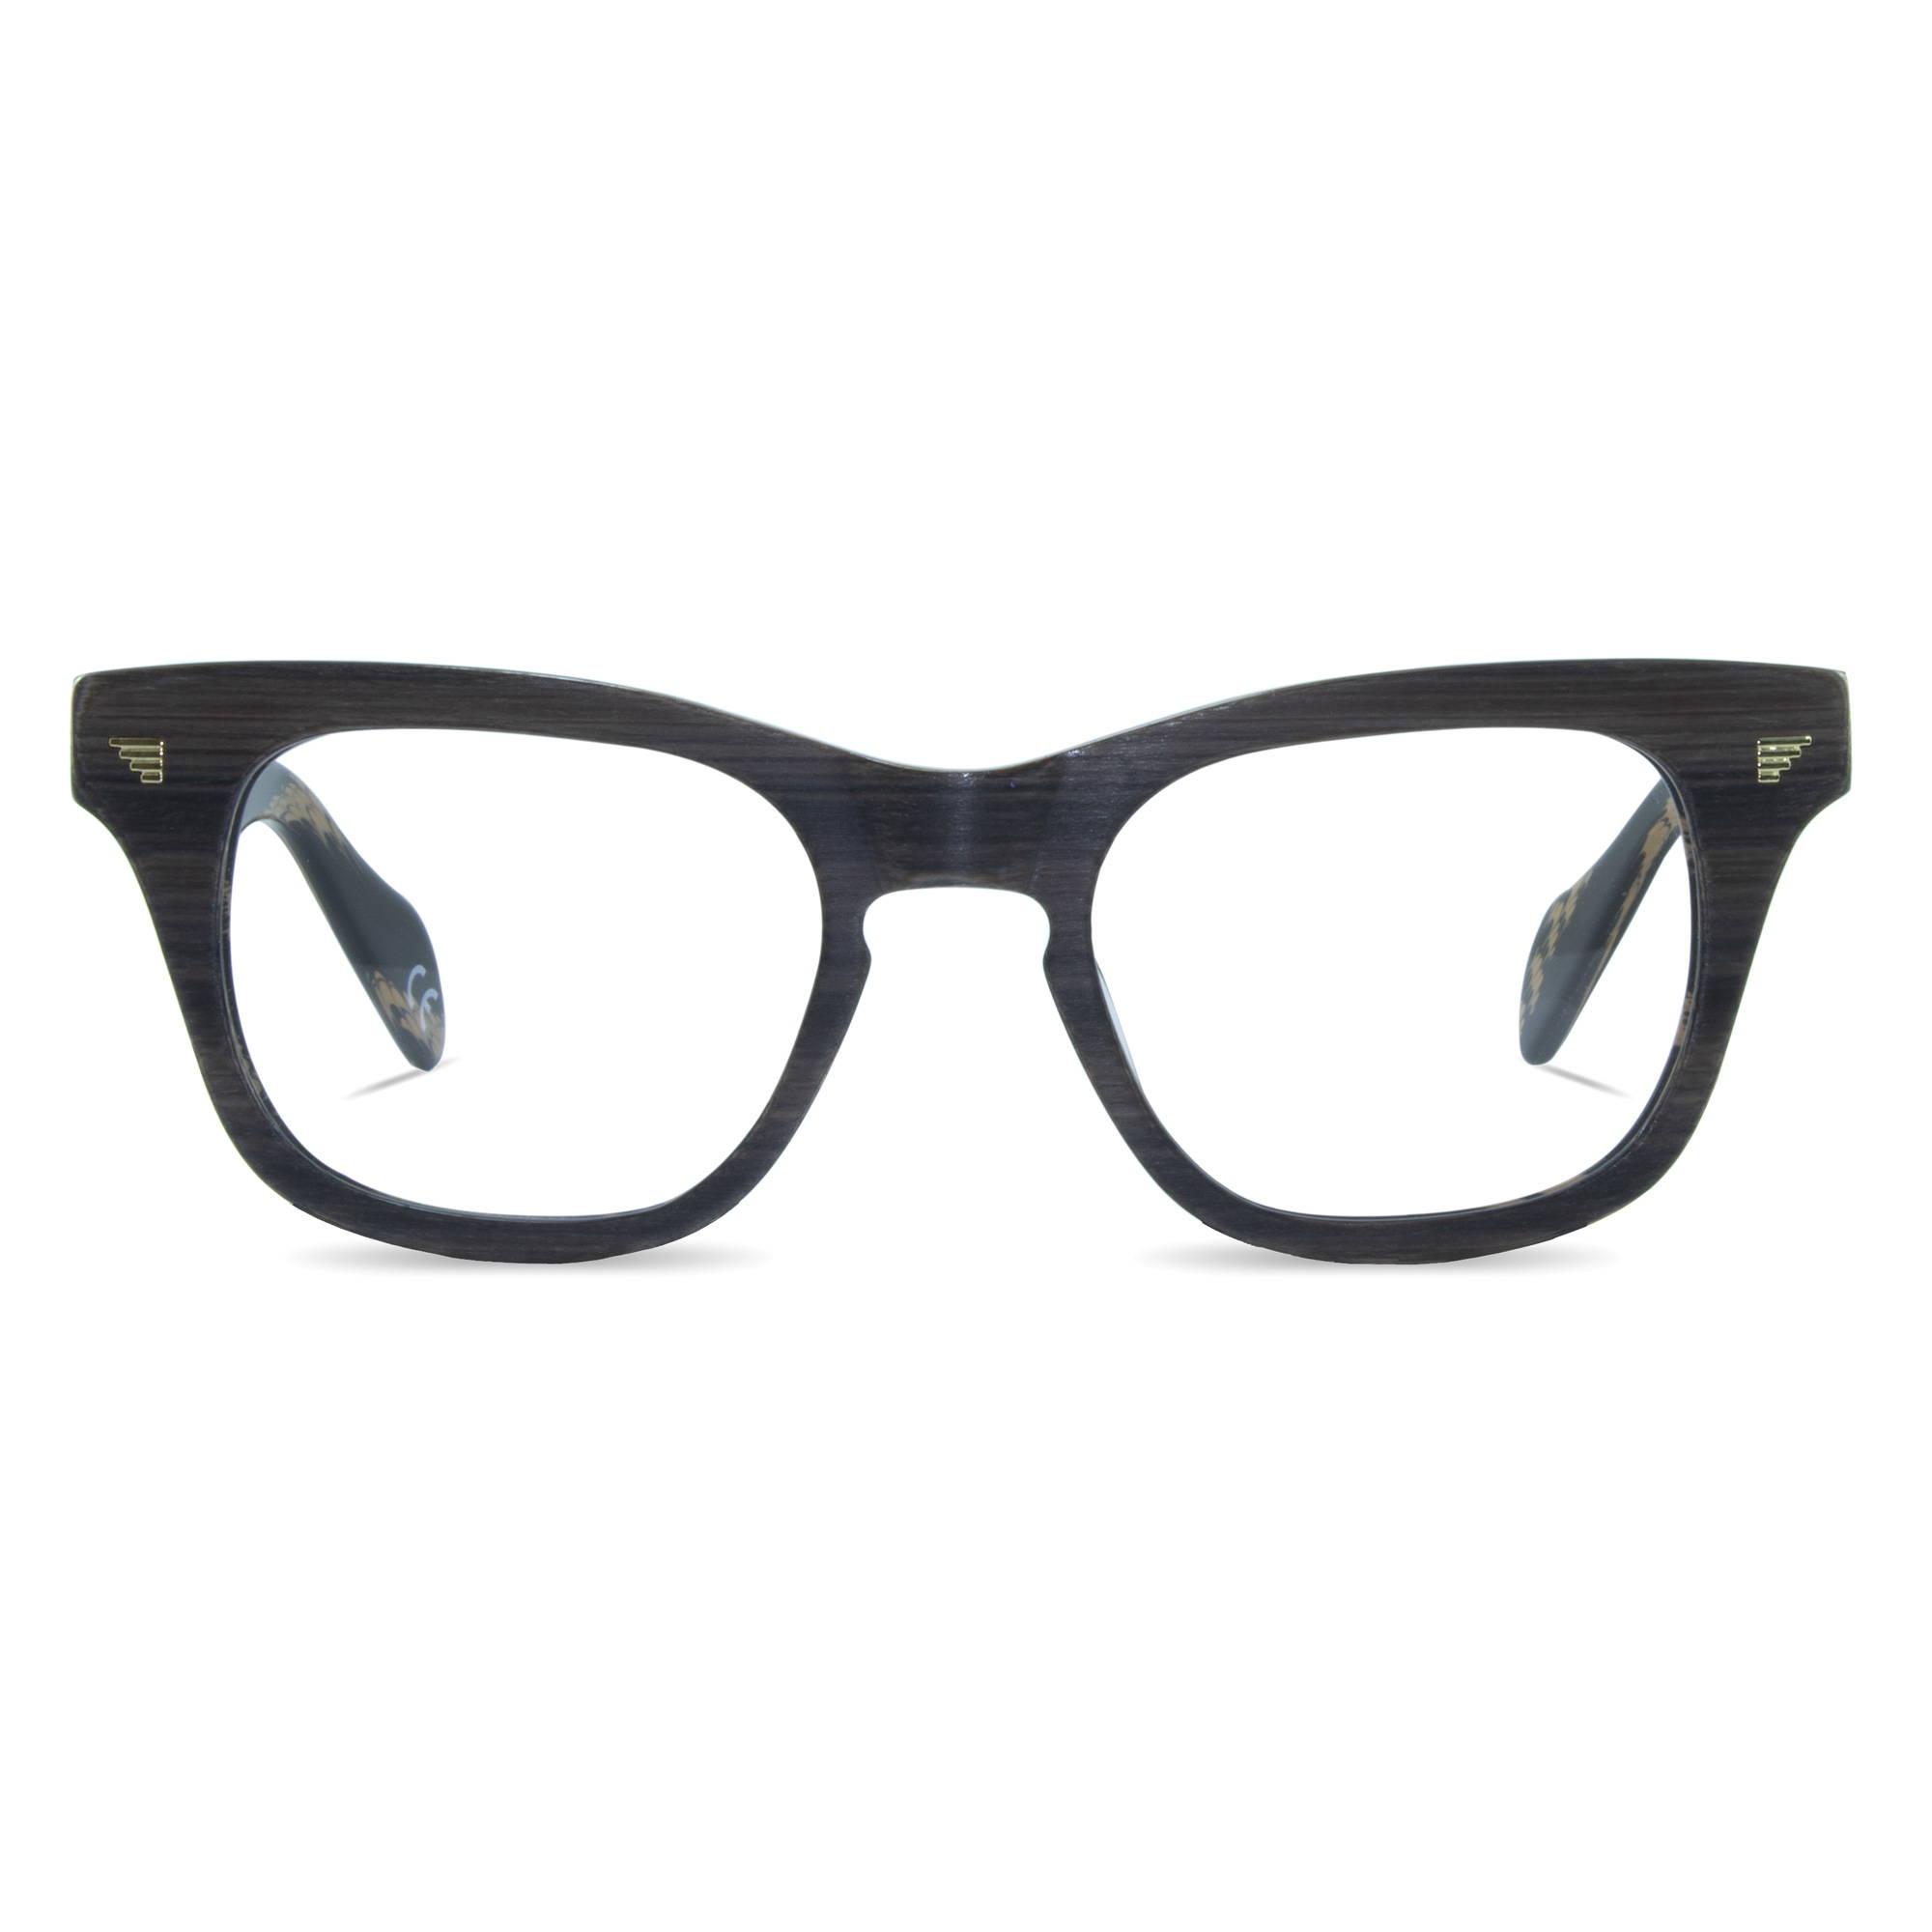 Joiuss russ dark wood glasses